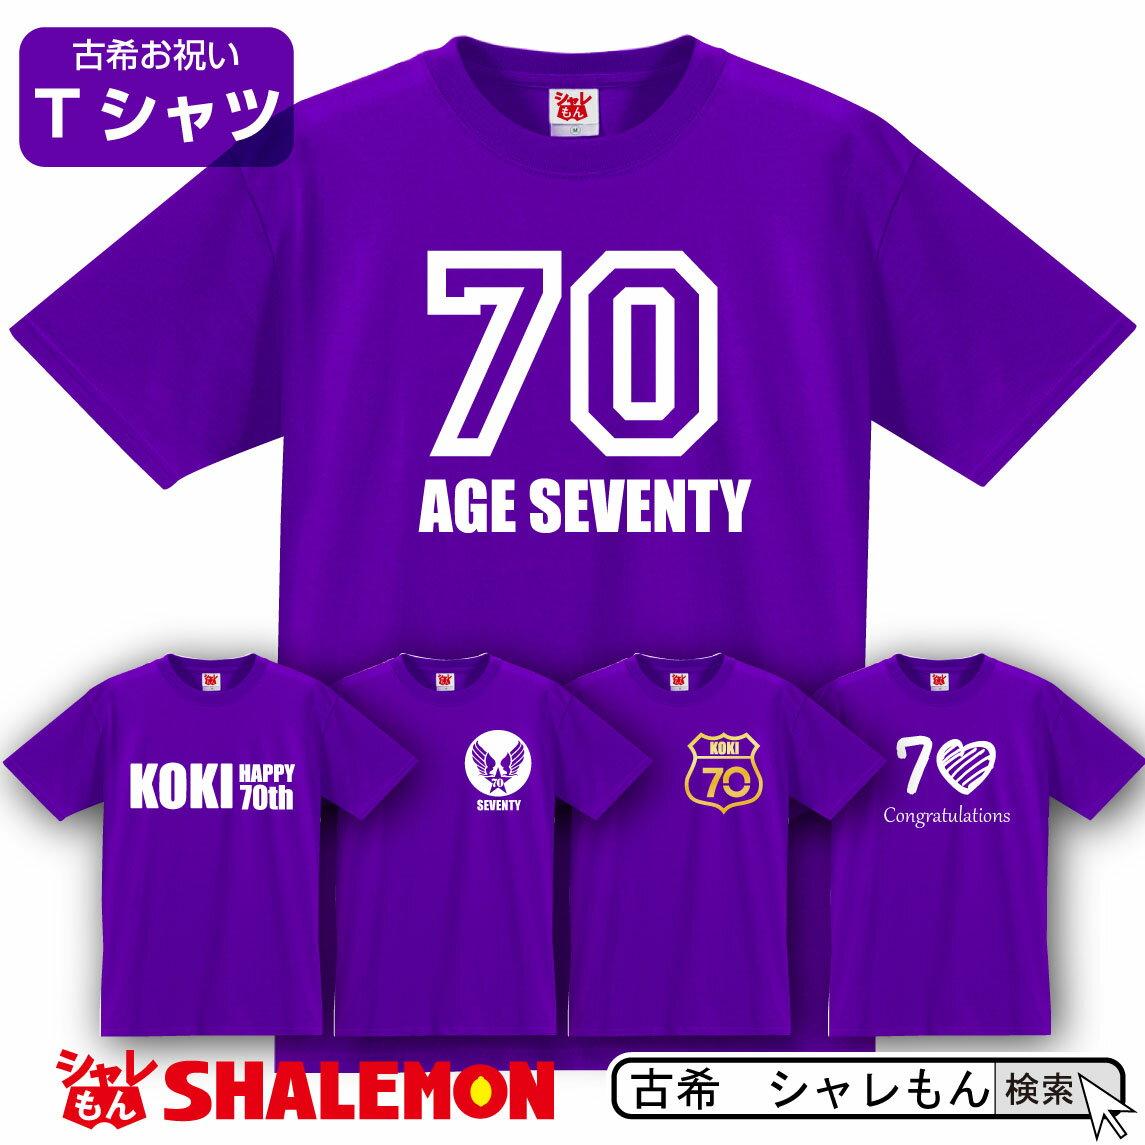 古希 お祝い プレゼント 父 母 紫 Tシャツ 【 選べる 古希デザイン Tシャツ 】 古希祝い 70歳 誕生日 おもしろ 記念品【楽ギフ_包装】